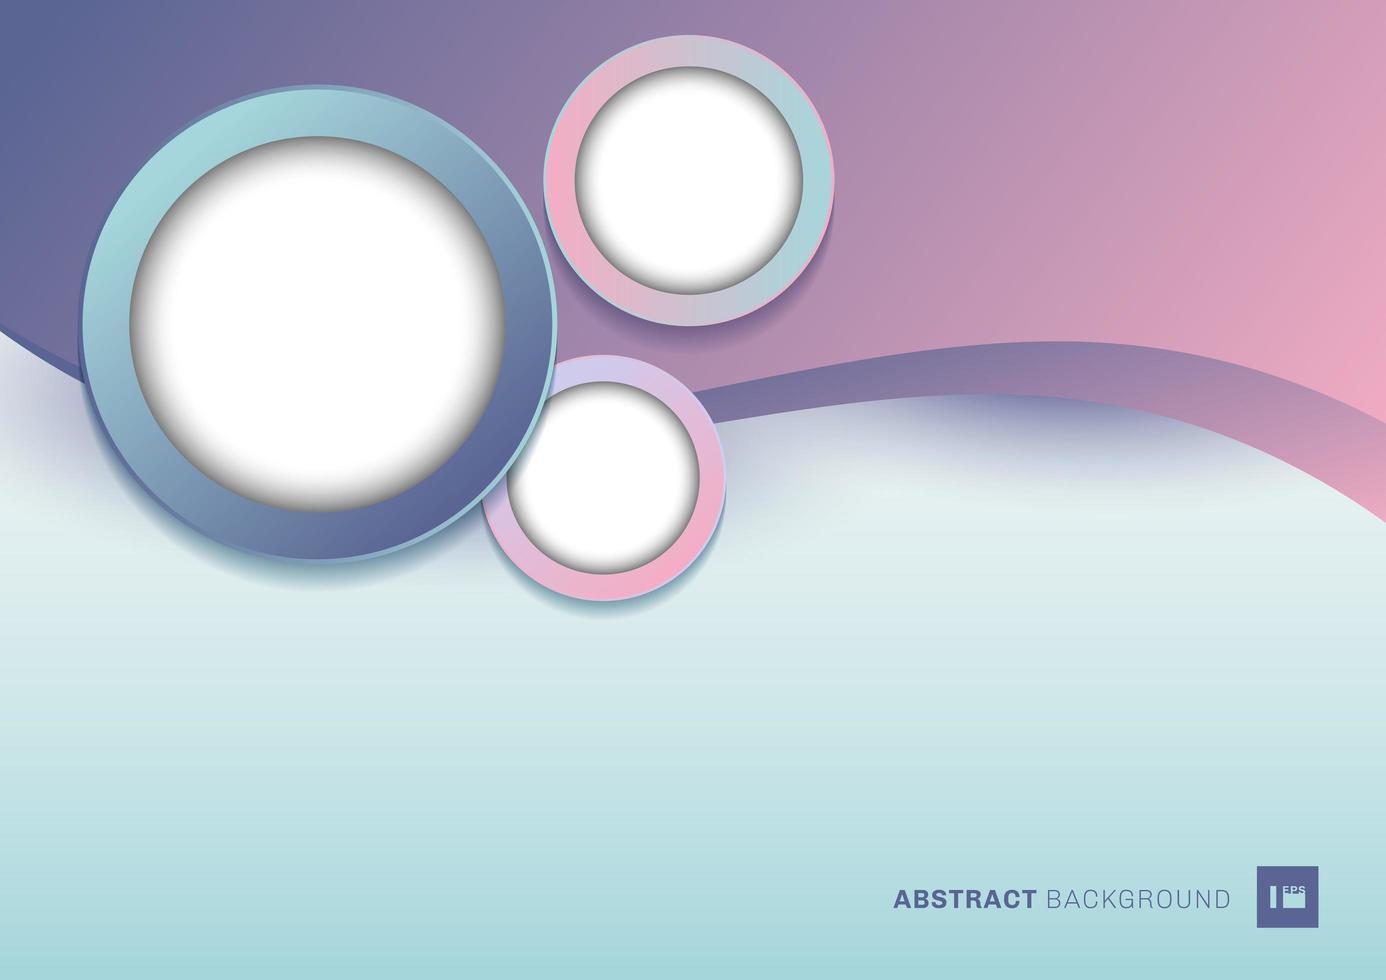 abstrakte rosa und blaue Welle und Kreise vektor